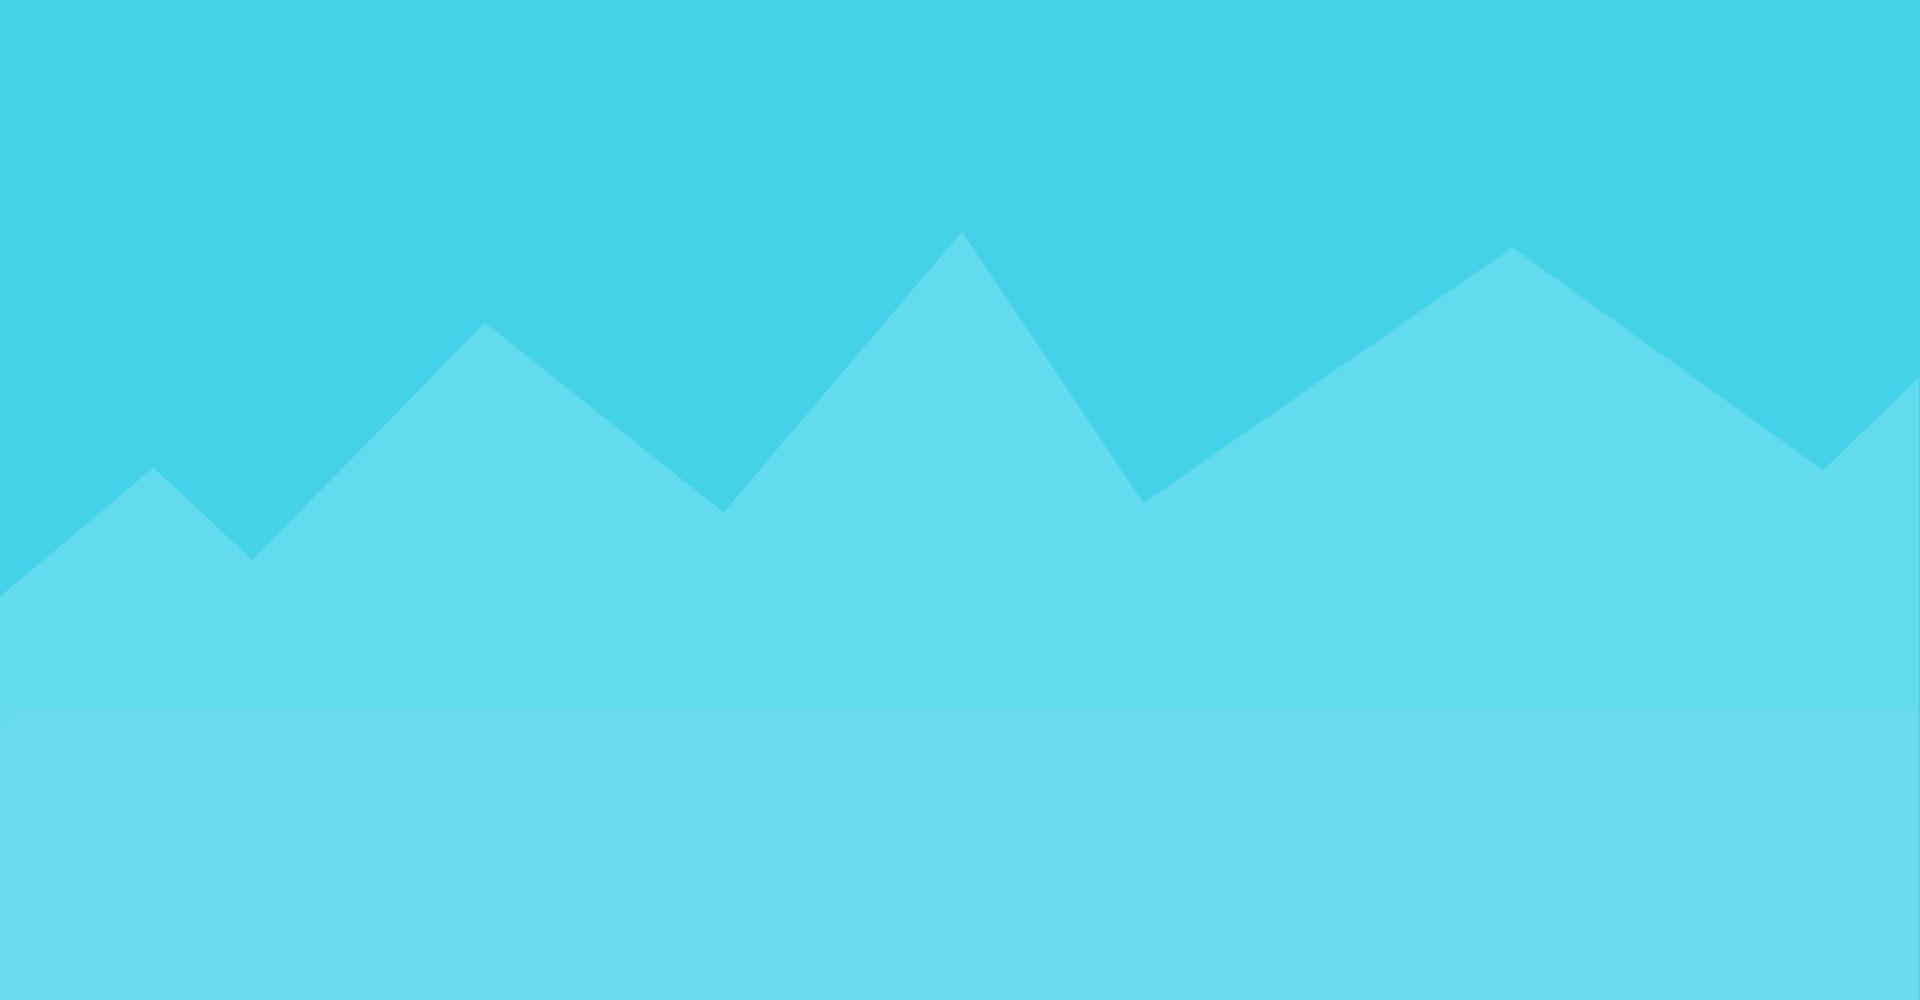 bináris opciók kereskedési eredményei ötletek az internetes üzlethez minimális befektetéssel